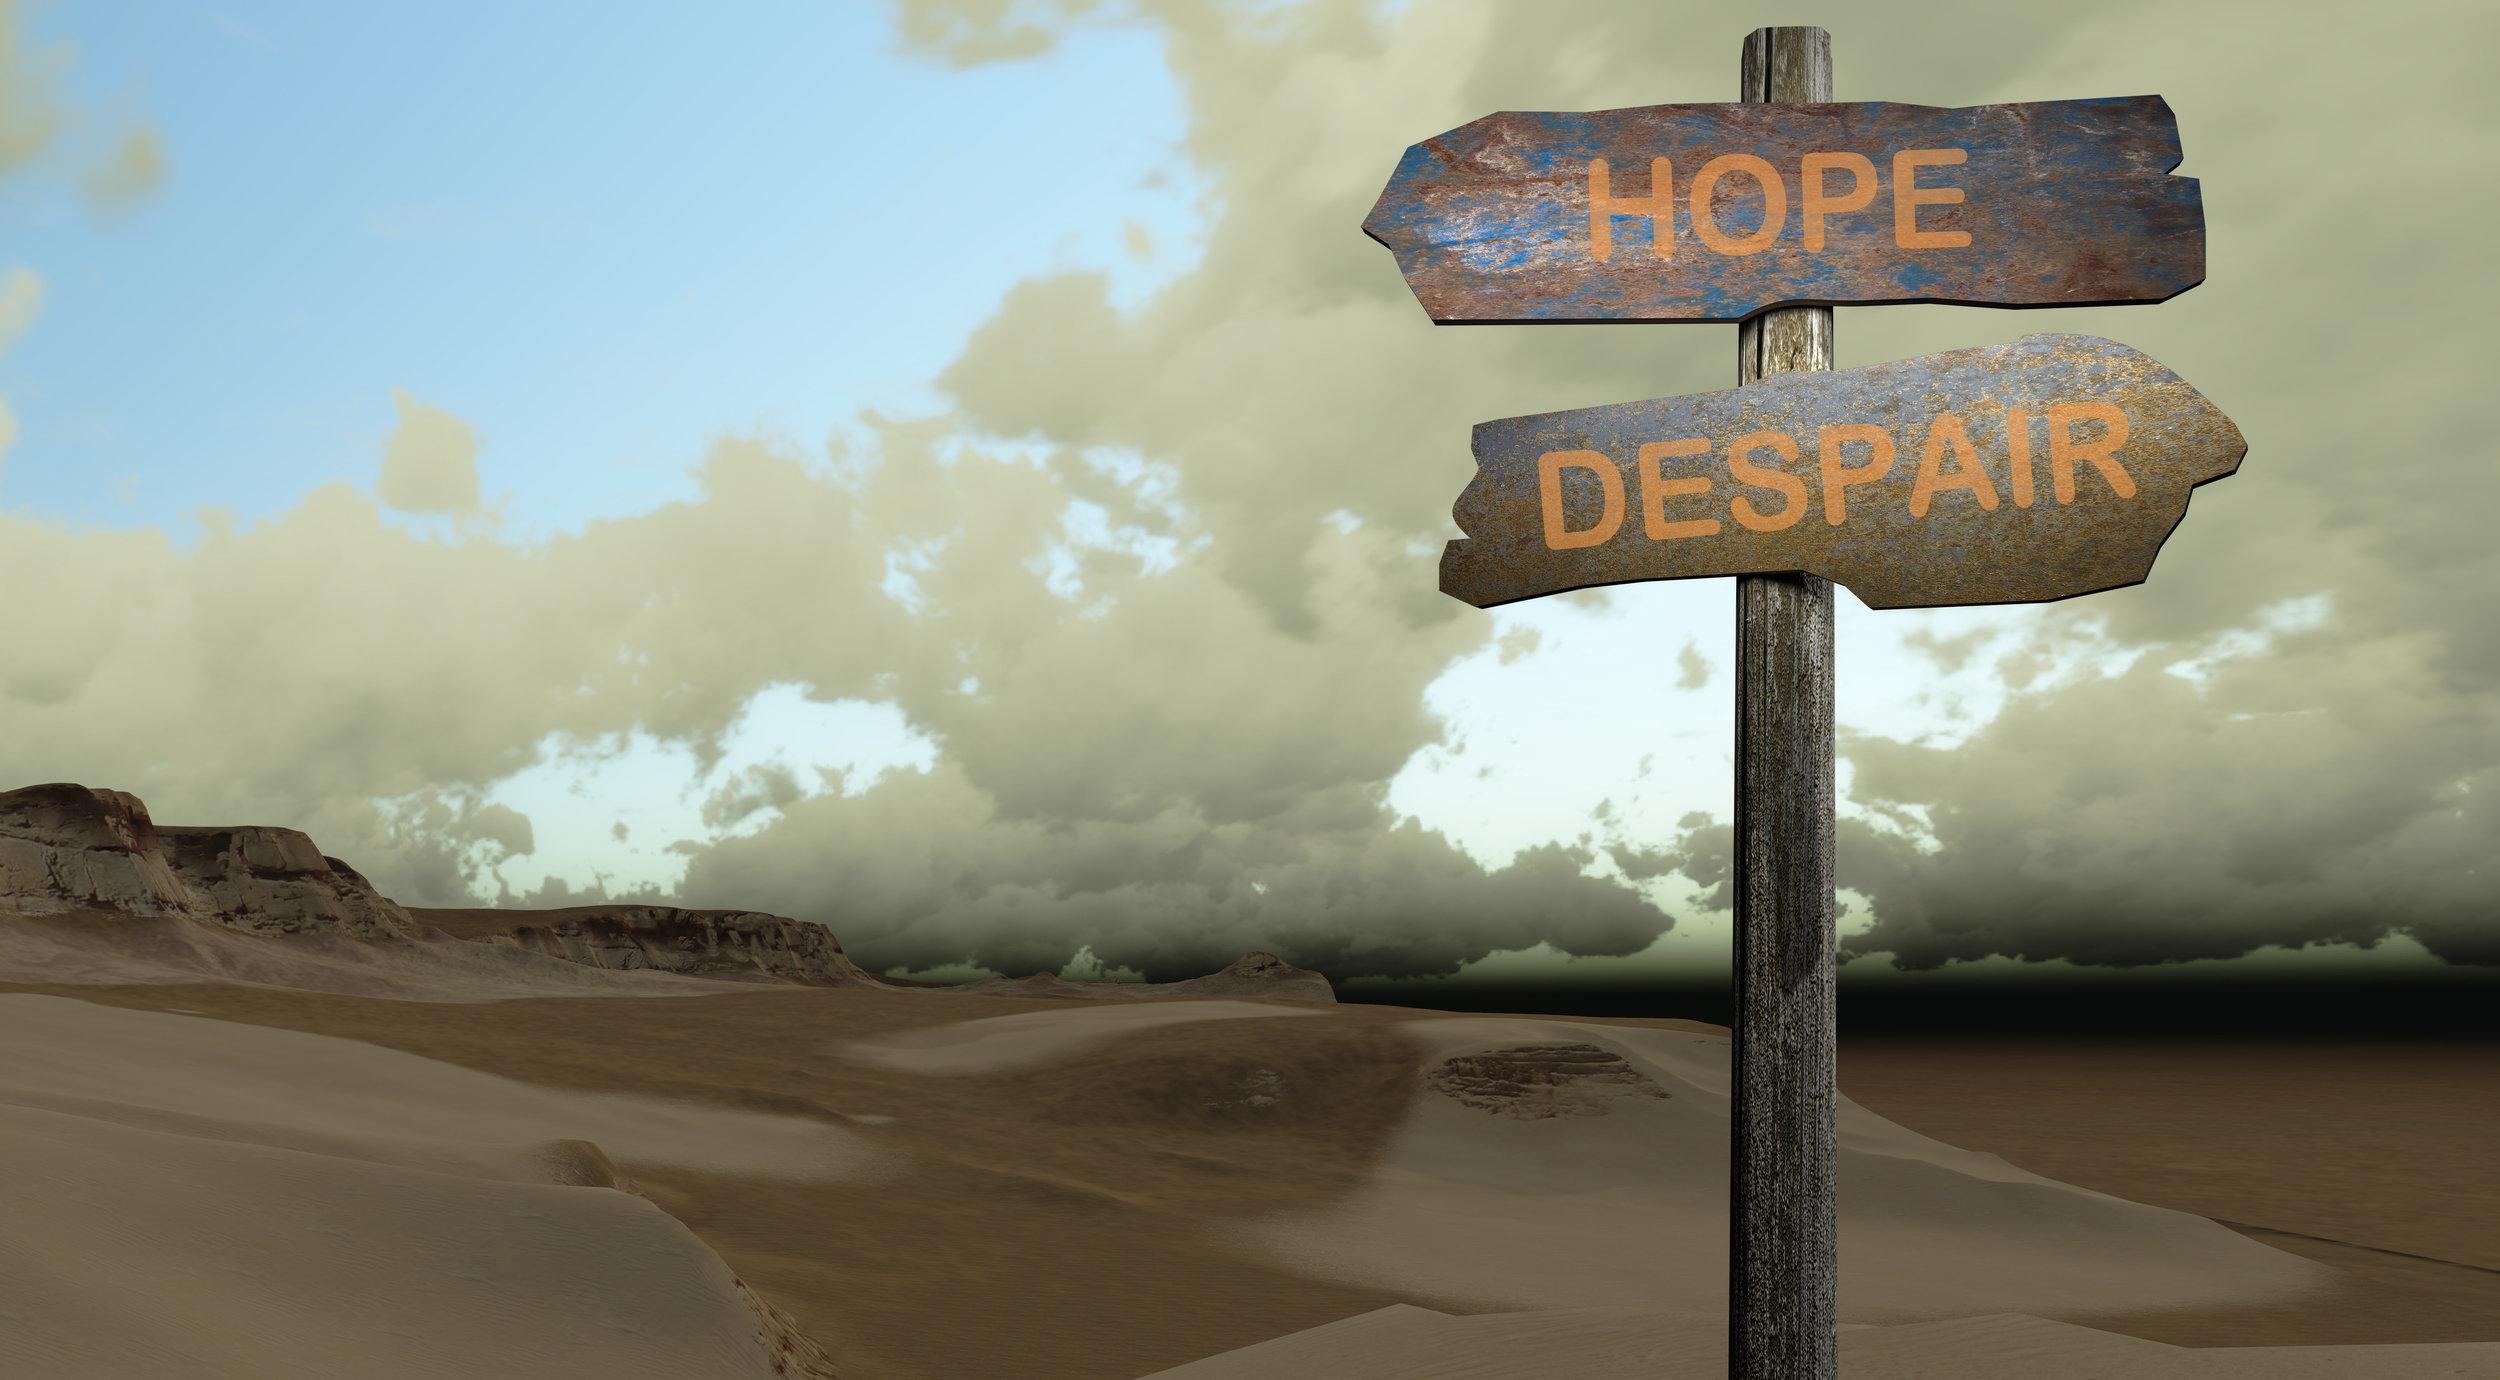 hope-despair_zyinq_dd (1).jpg